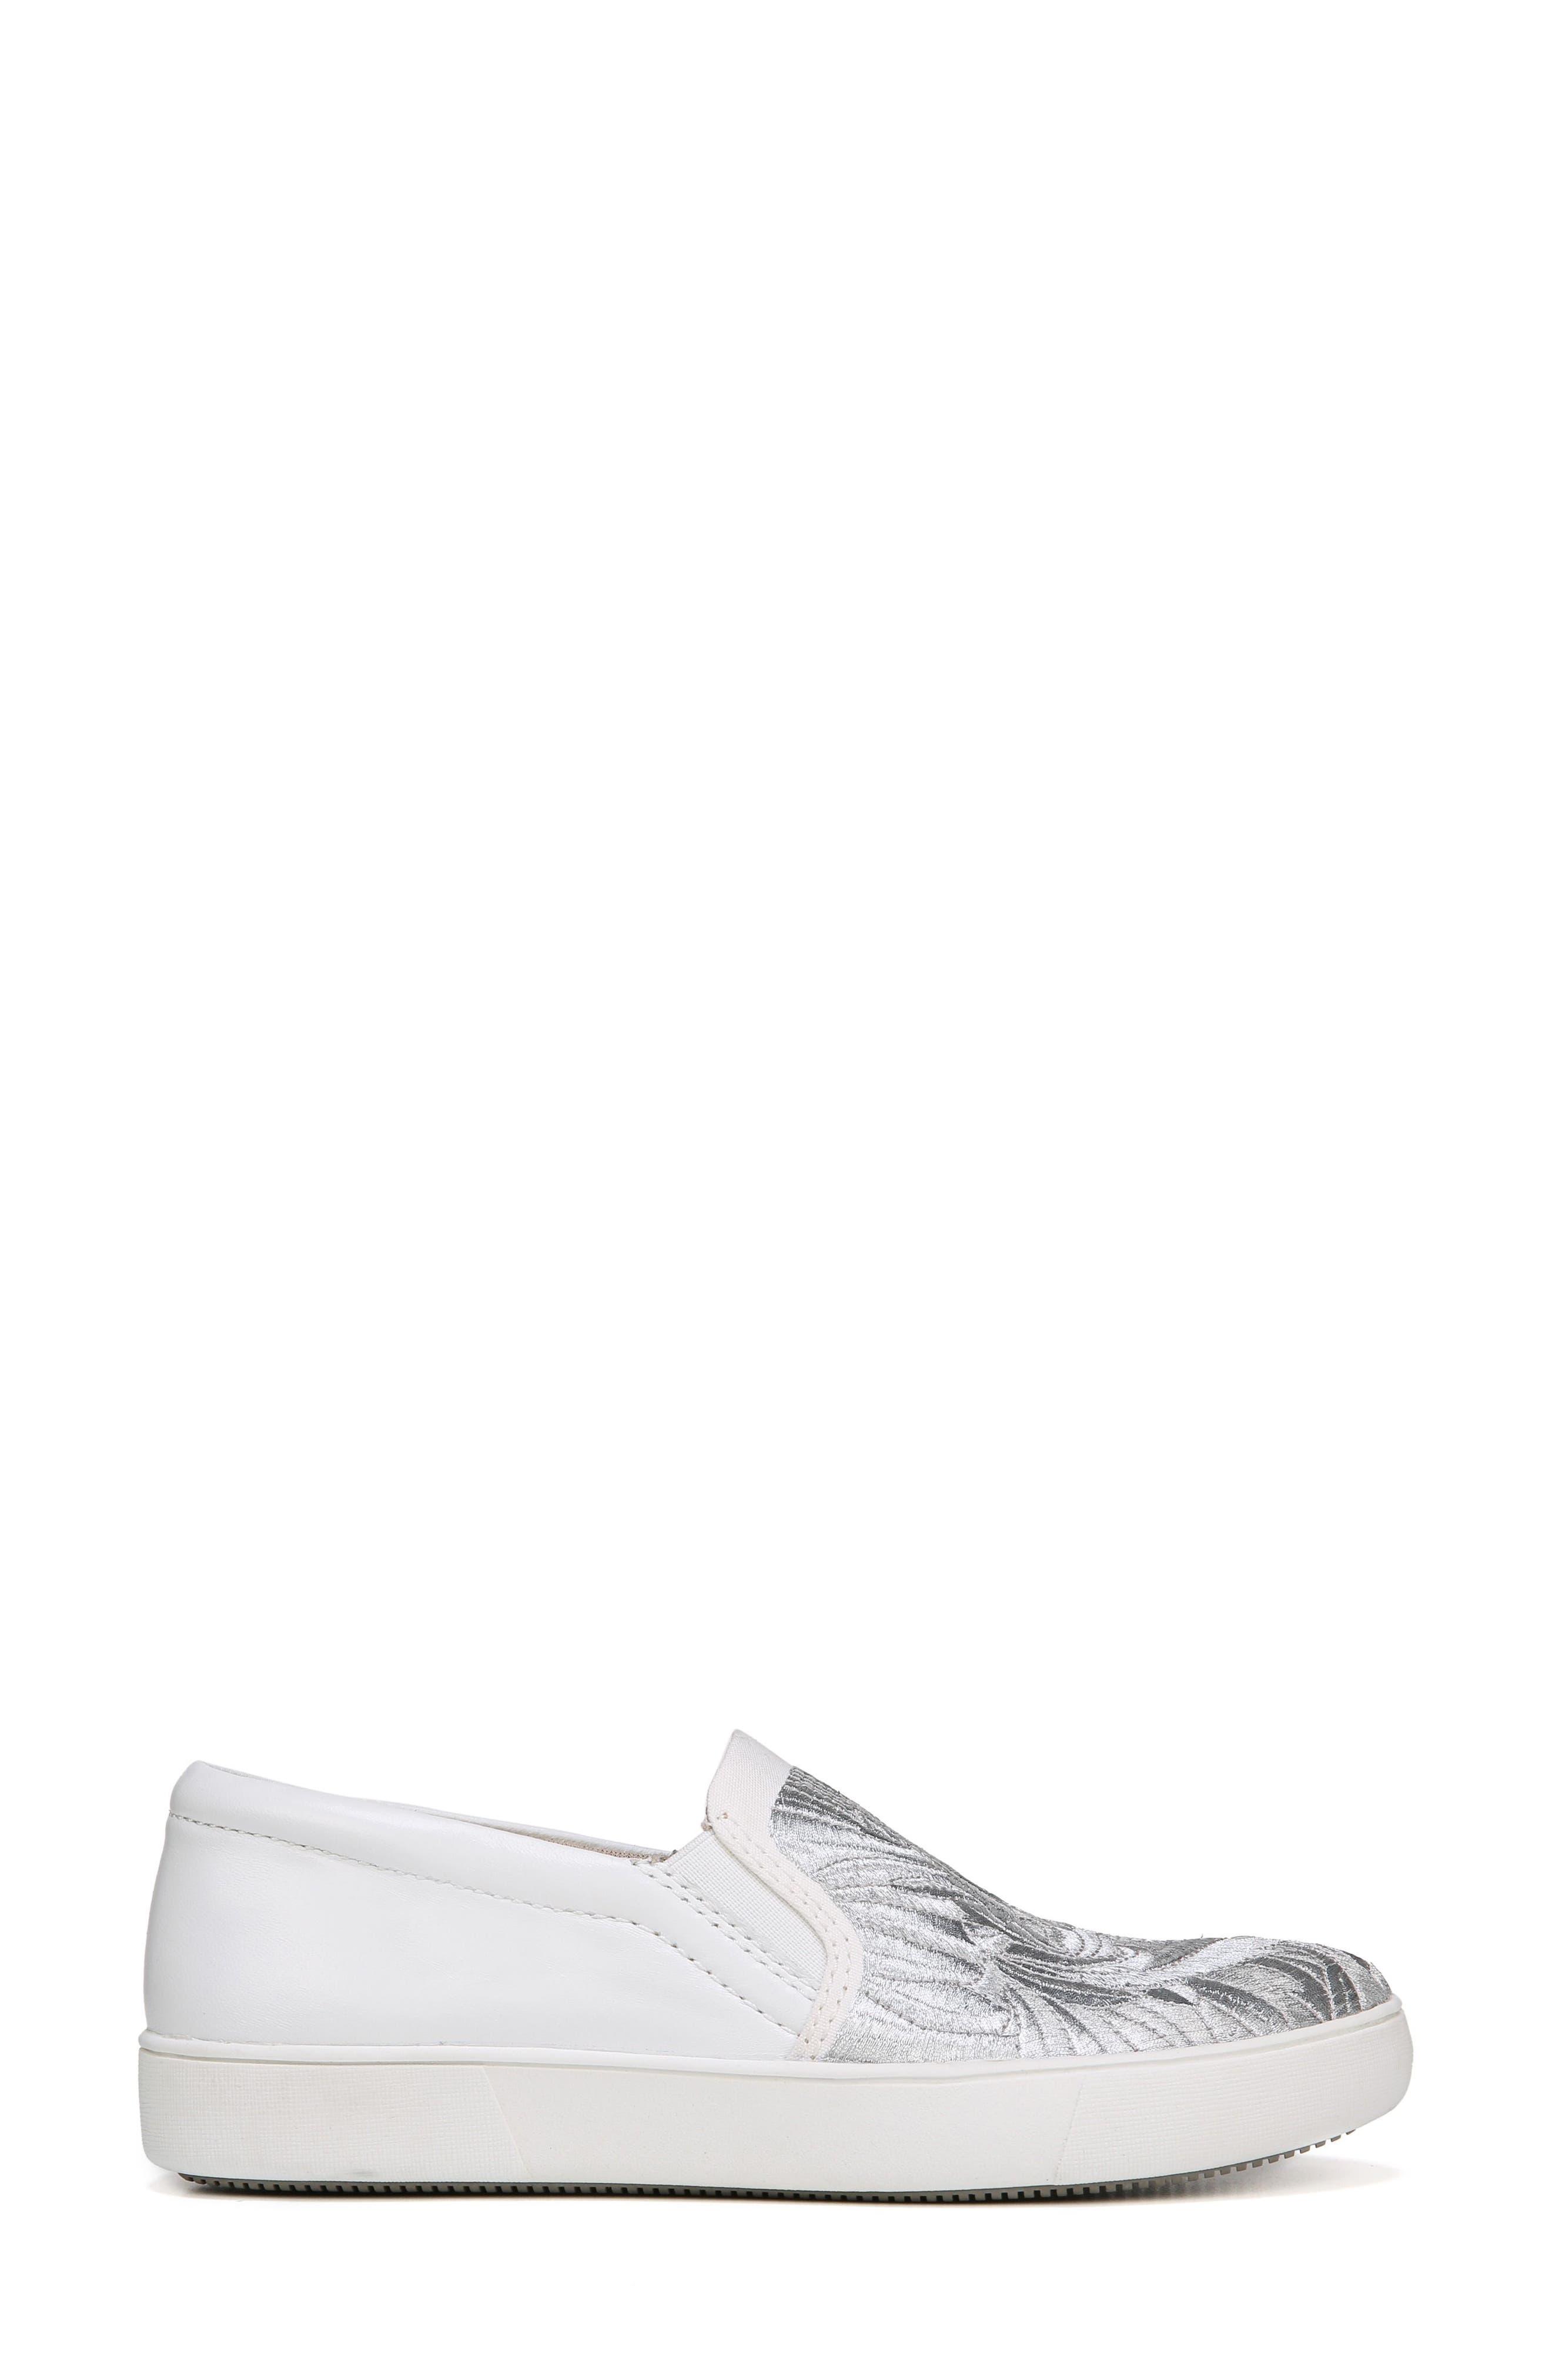 Marianne Slip-On Sneaker,                             Alternate thumbnail 3, color,                             White/ Silver Leather